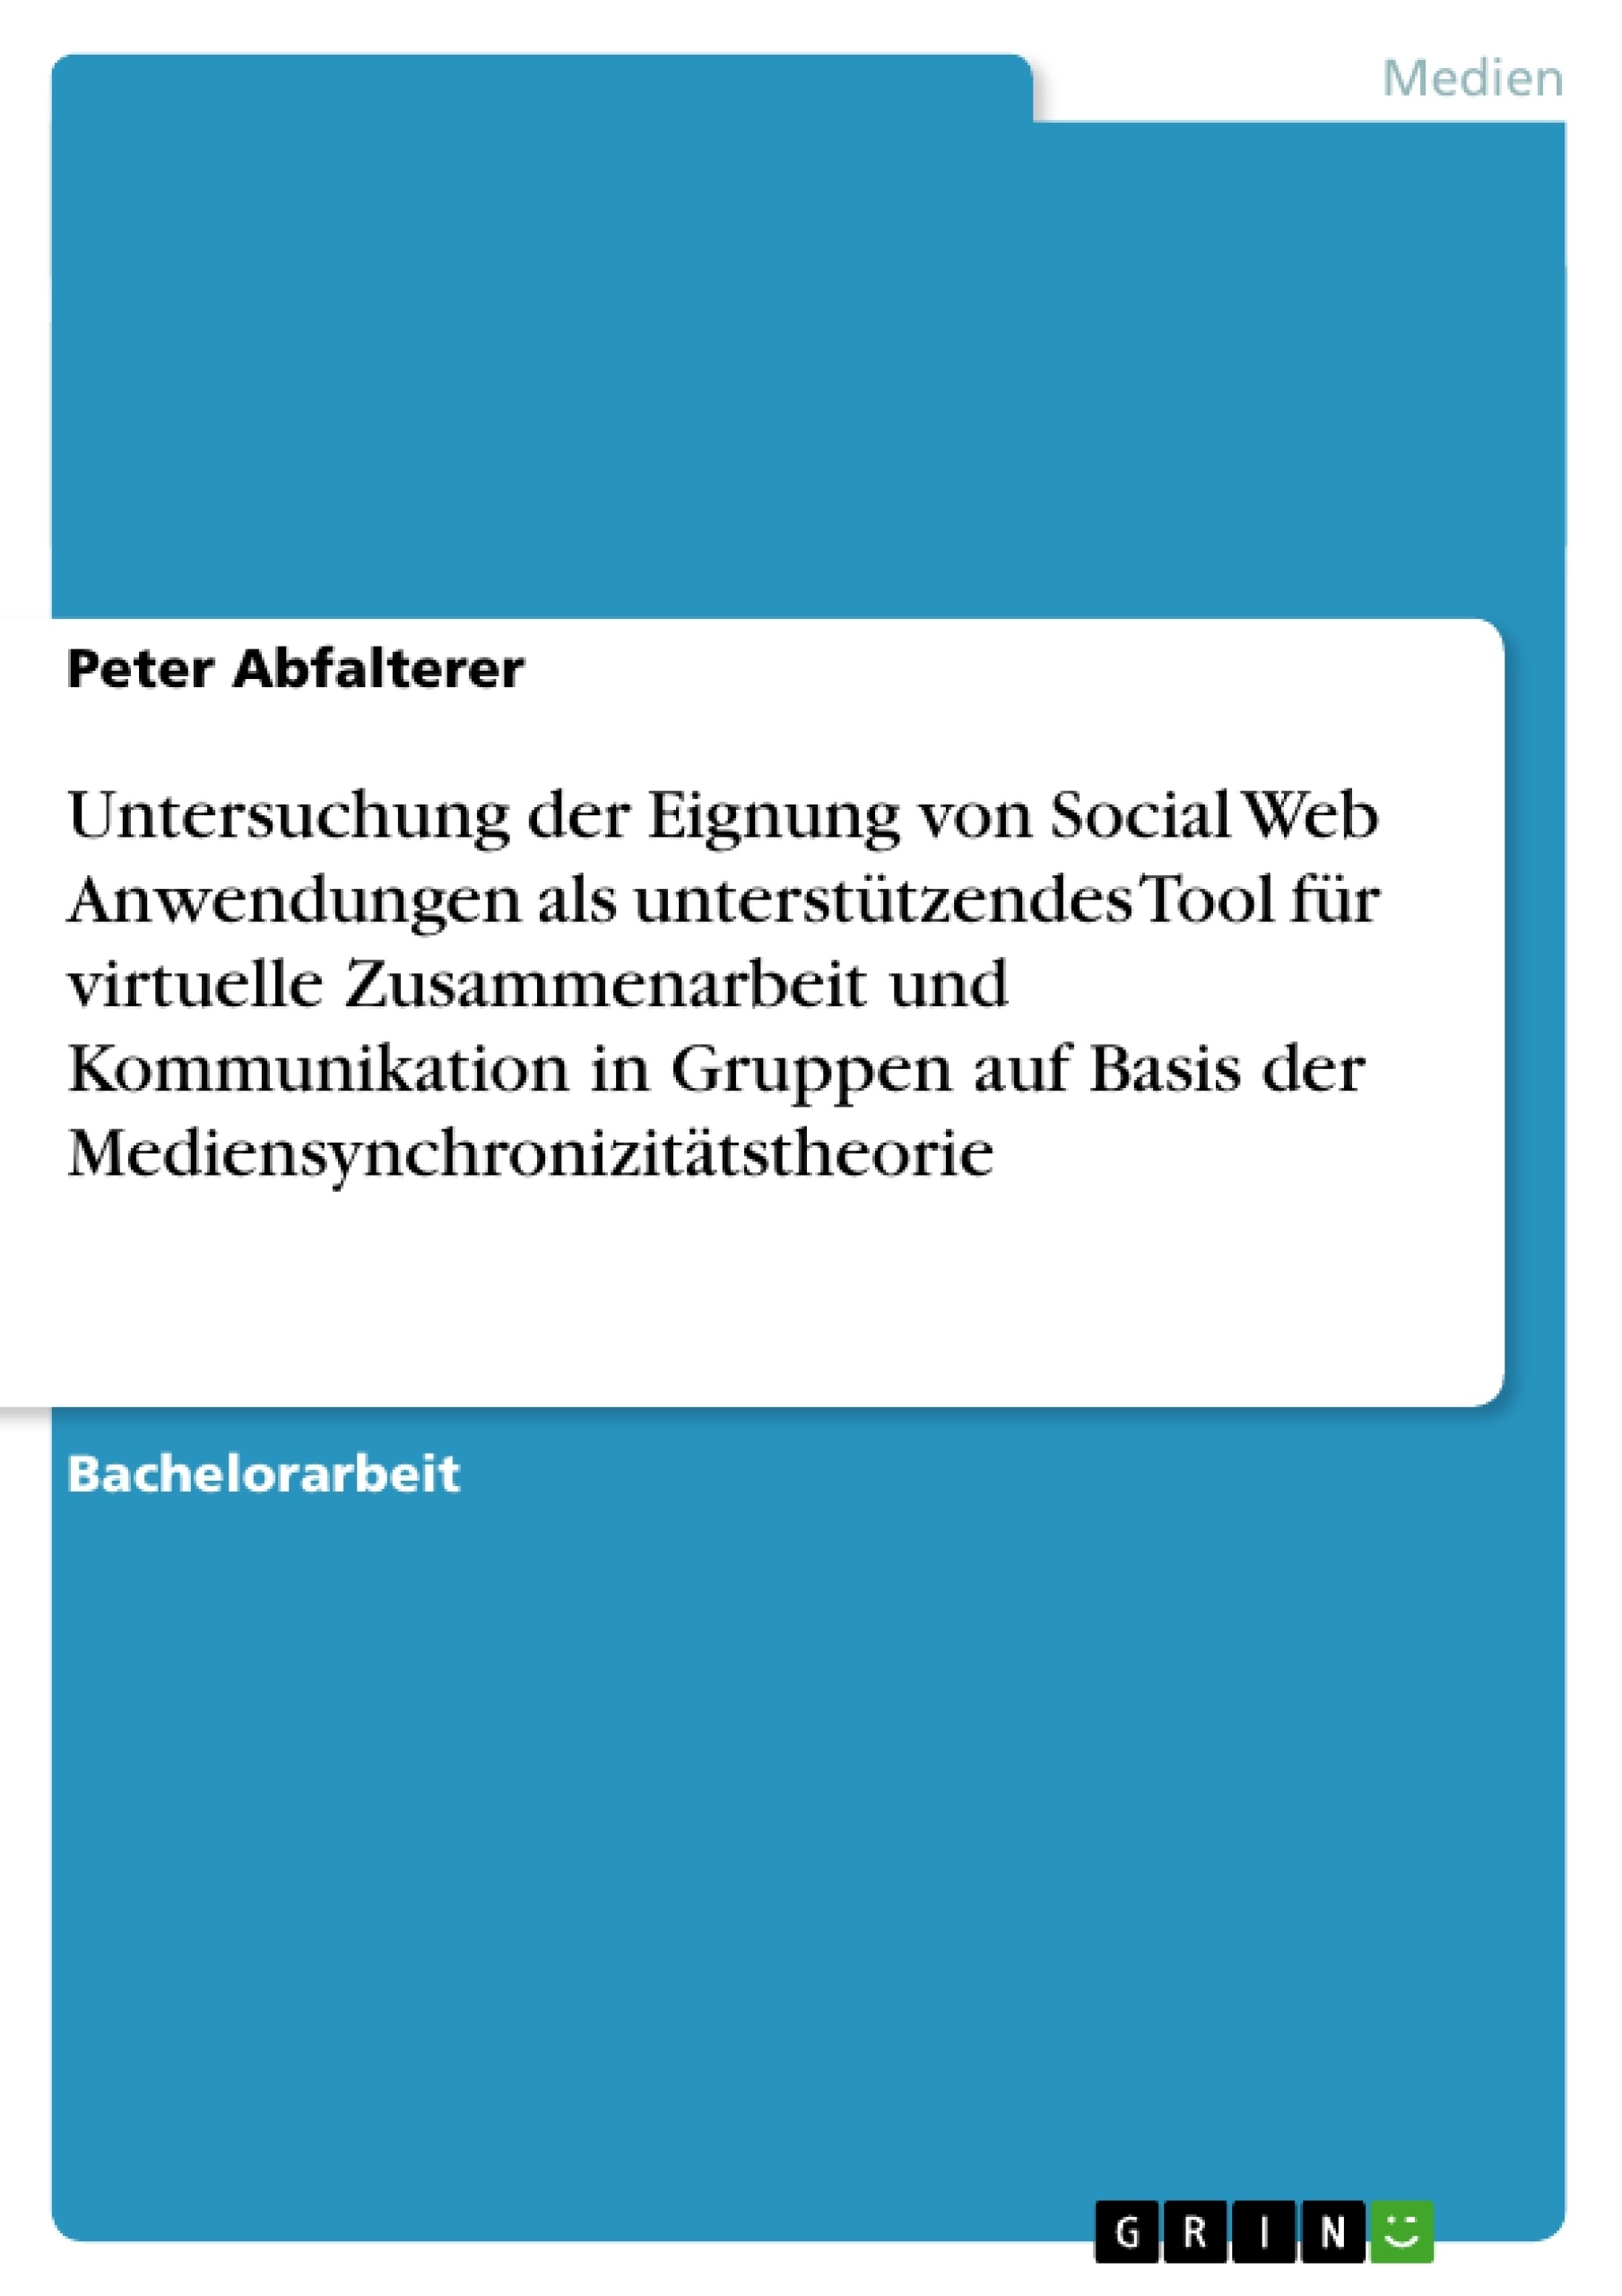 Titel: Untersuchung der Eignung von Social Web Anwendungen als unterstützendes Tool für virtuelle Zusammenarbeit und Kommunikation in Gruppen auf Basis der Mediensynchronizitätstheorie